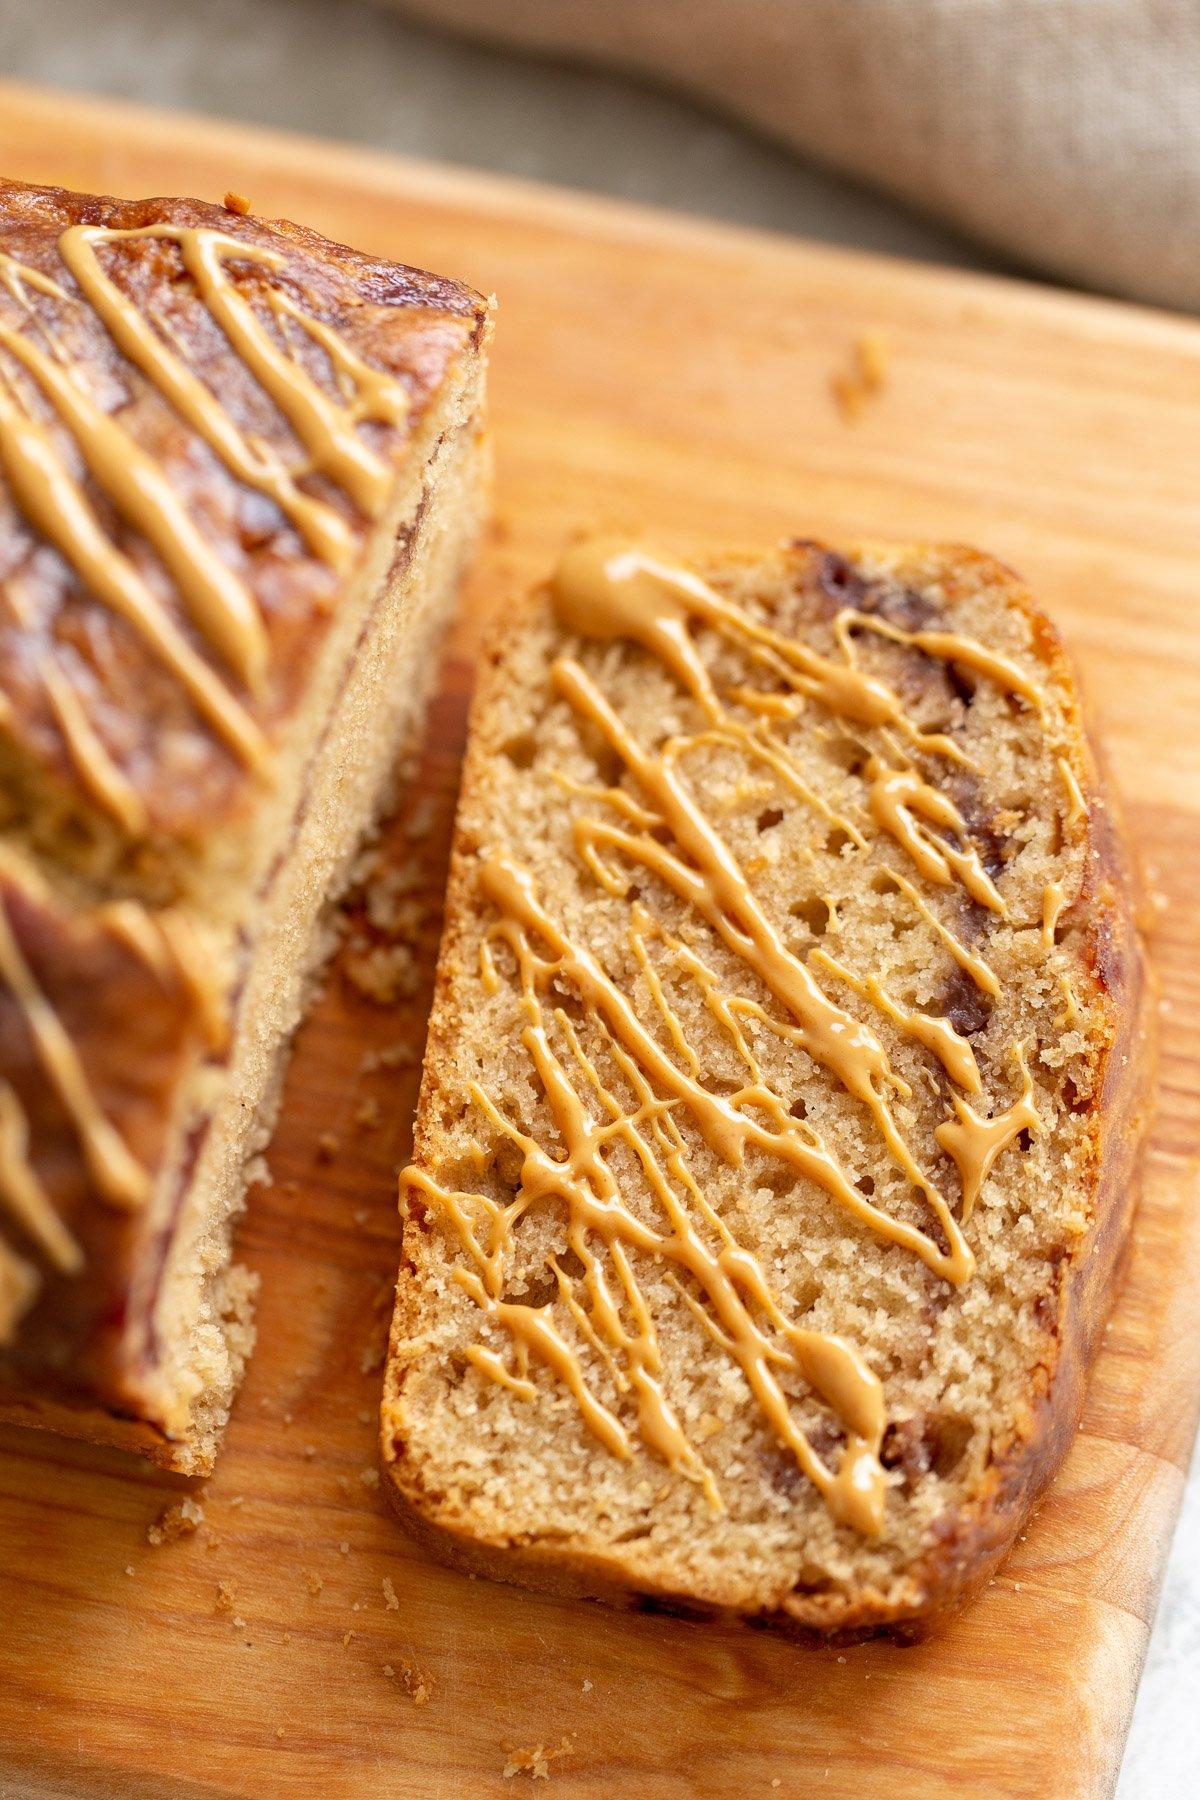 uma fatia de manteiga de amendoim vegana e bolo de pão de geléia regado com manteiga de amendoim